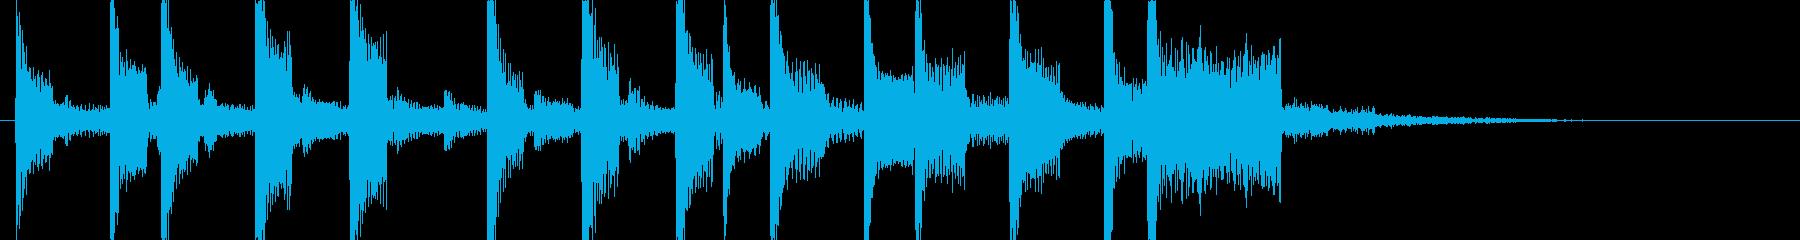 ちょっと一息、気分転換のサウンドロゴ の再生済みの波形